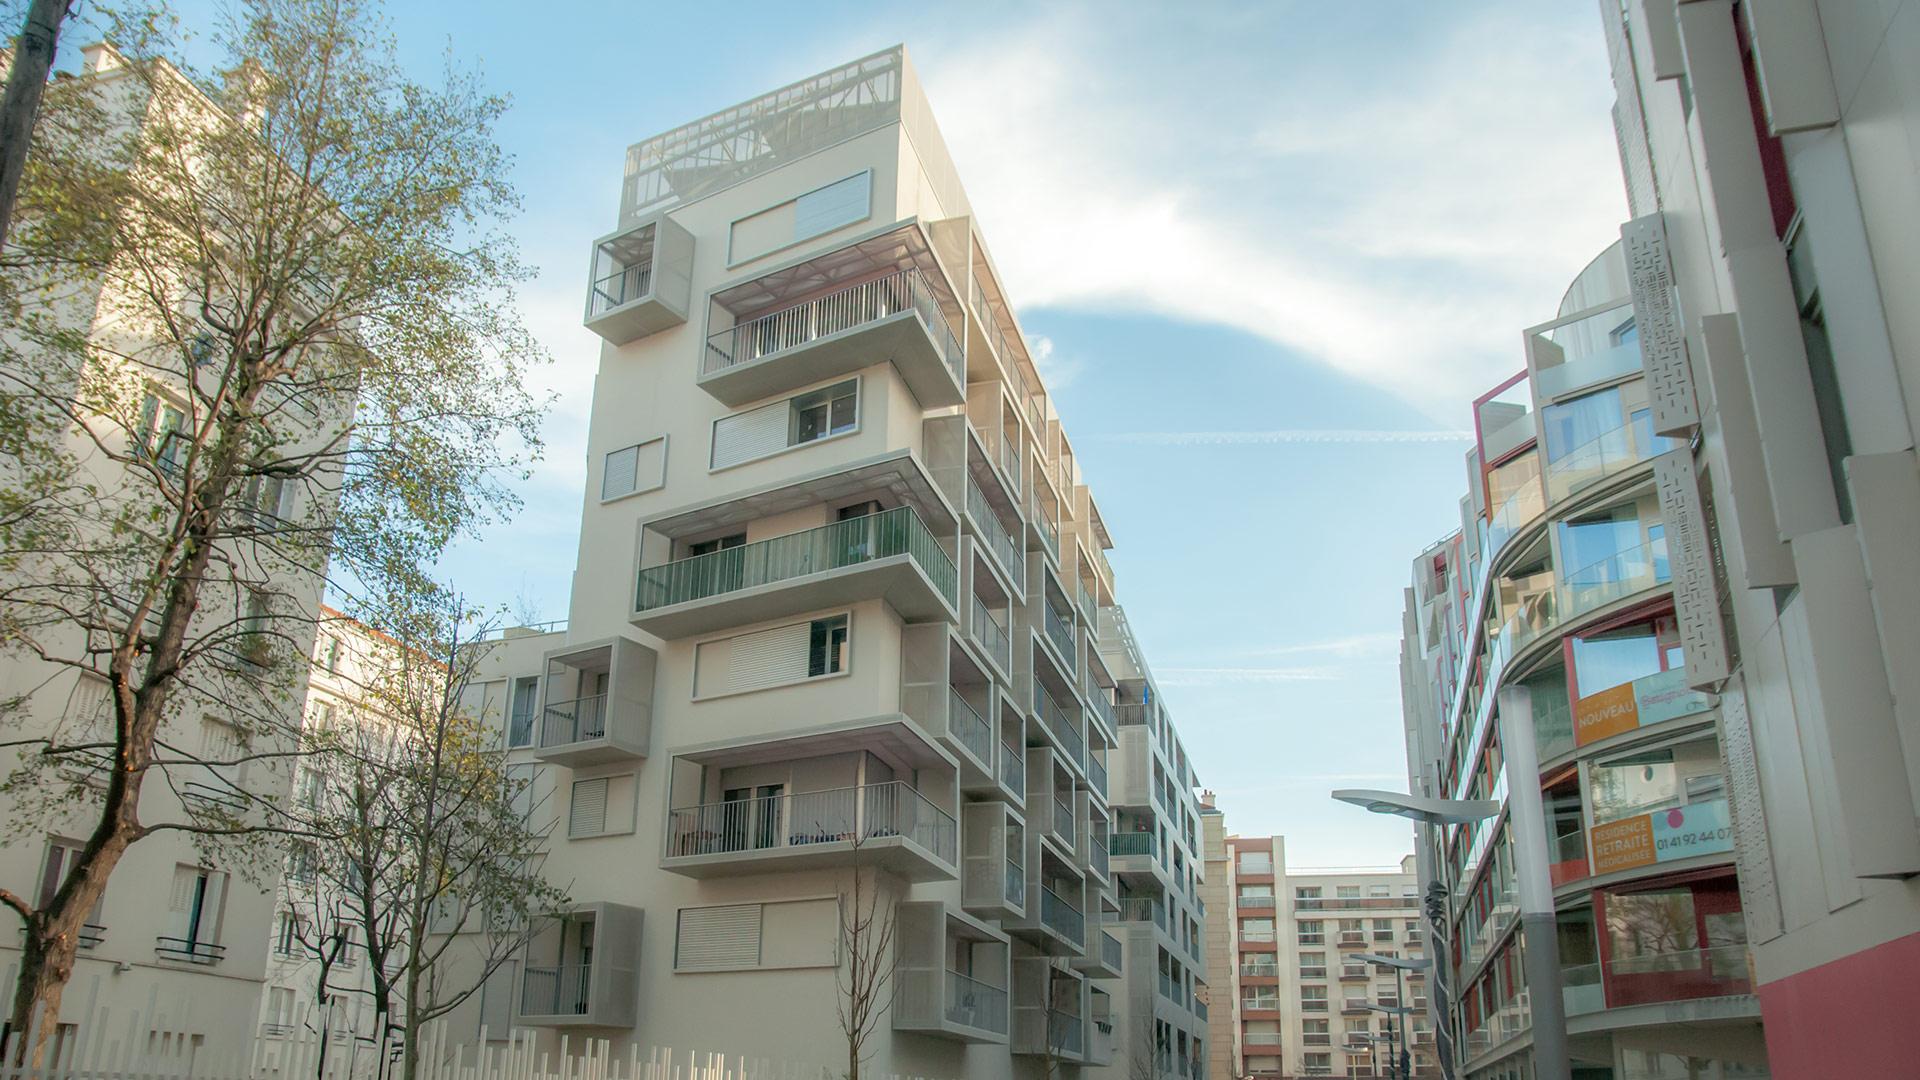 50 logements ZAC Clichy Batignolles, Paris